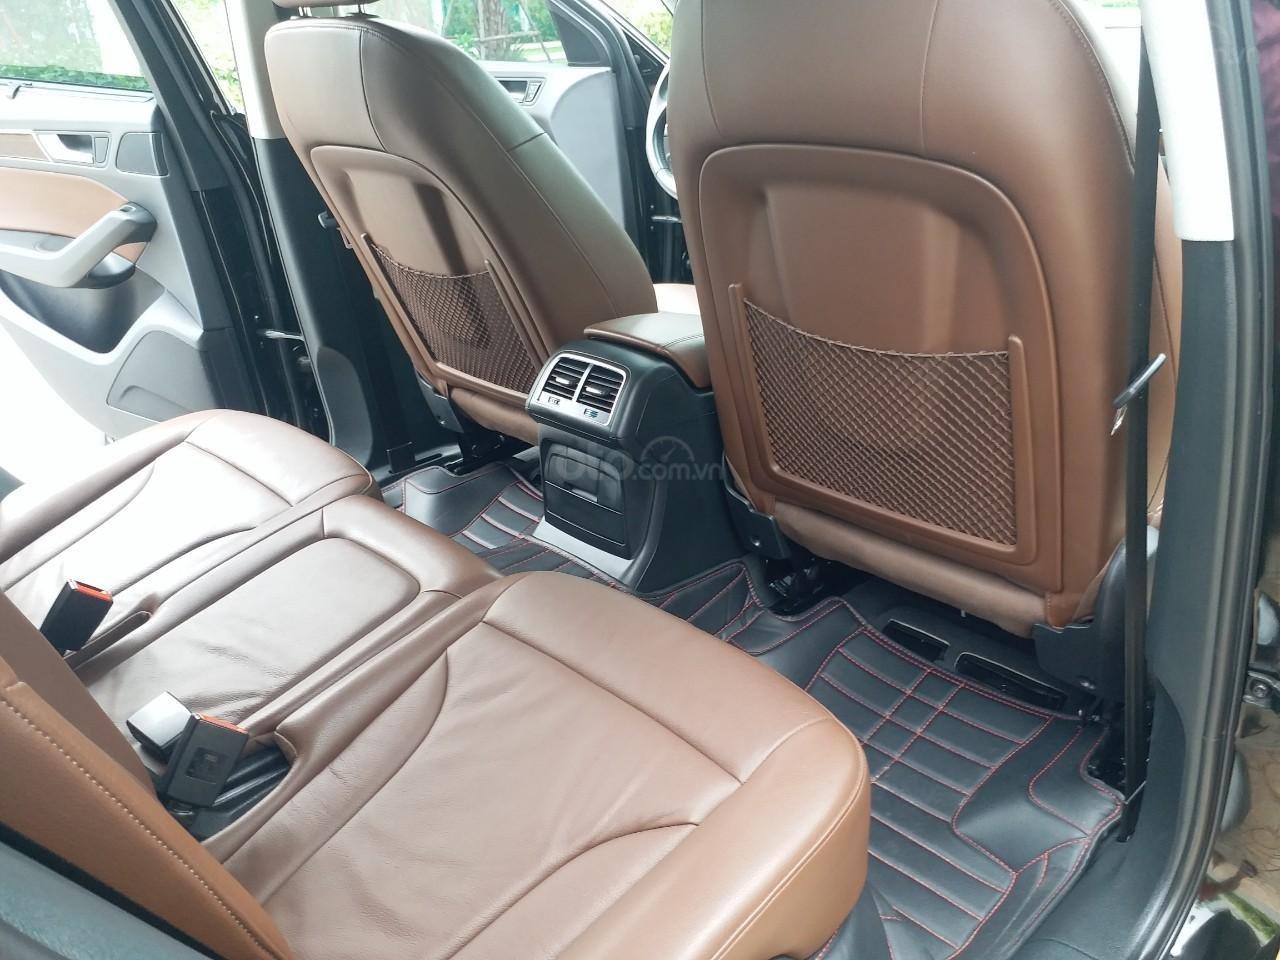 Bán Audi Q5 2.0 TFSI màu đen/ nâu, sản xuất cuối 2015 nhập Đức, đăng ký 2016 tên tư nhân (18)